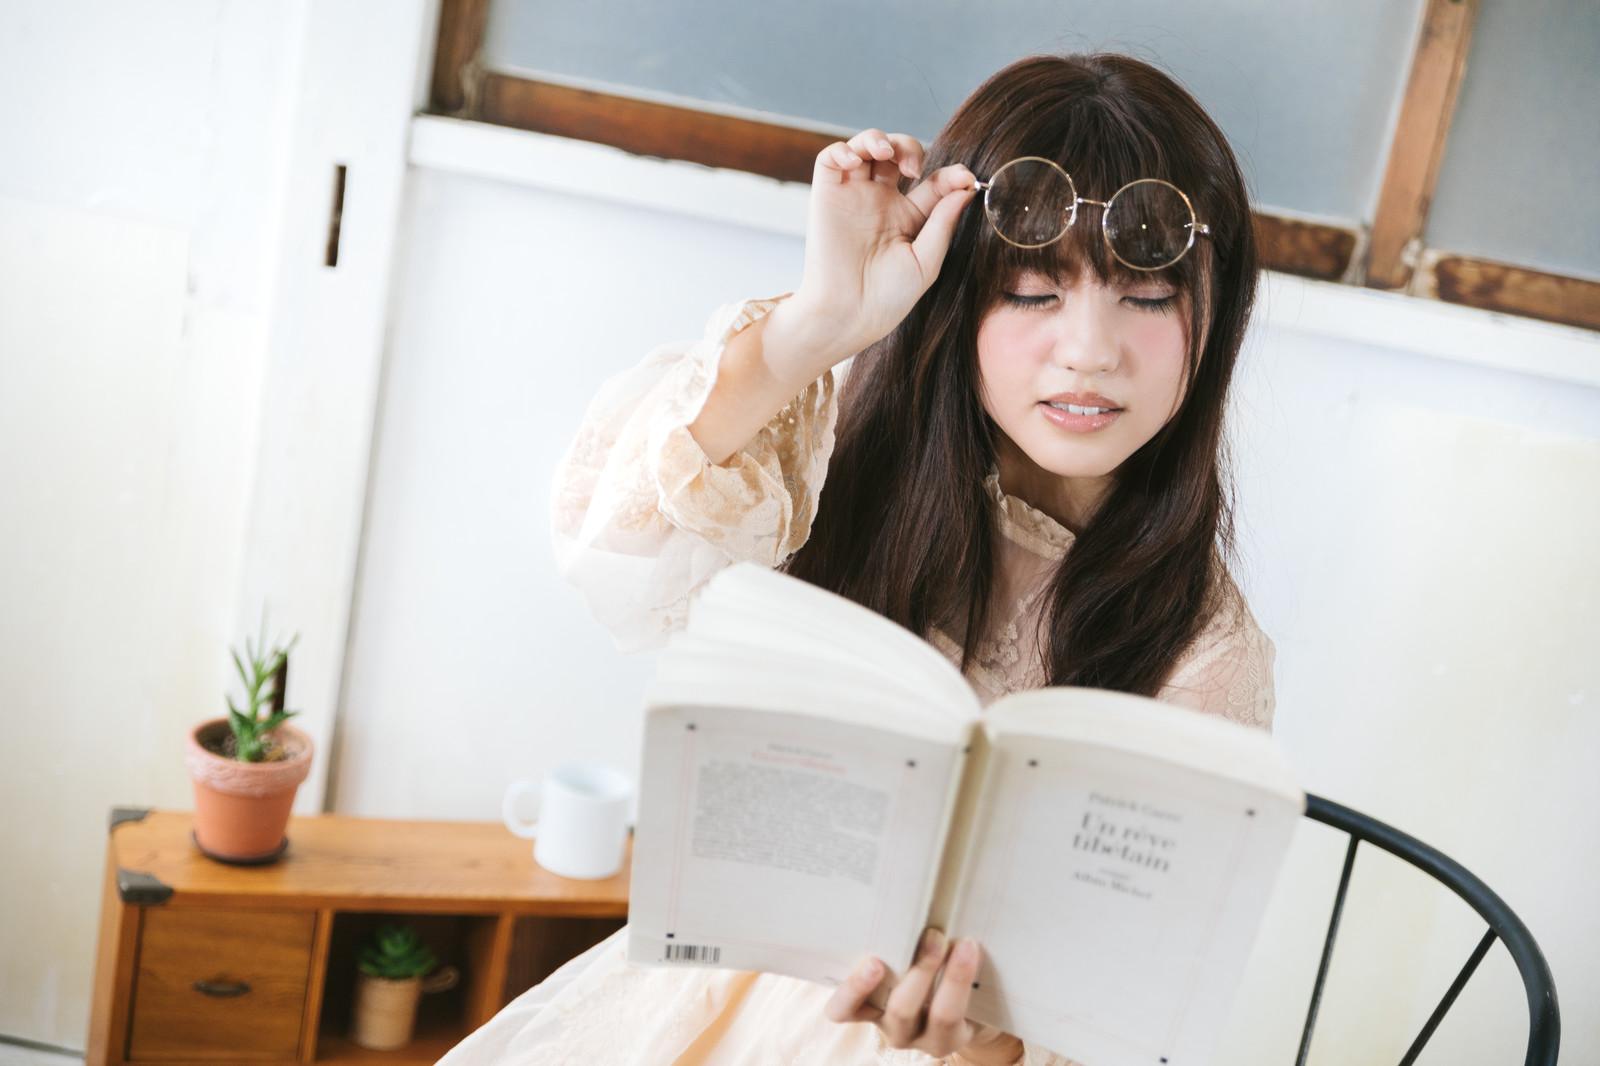 Kawamura1030IMGL4301 TP V